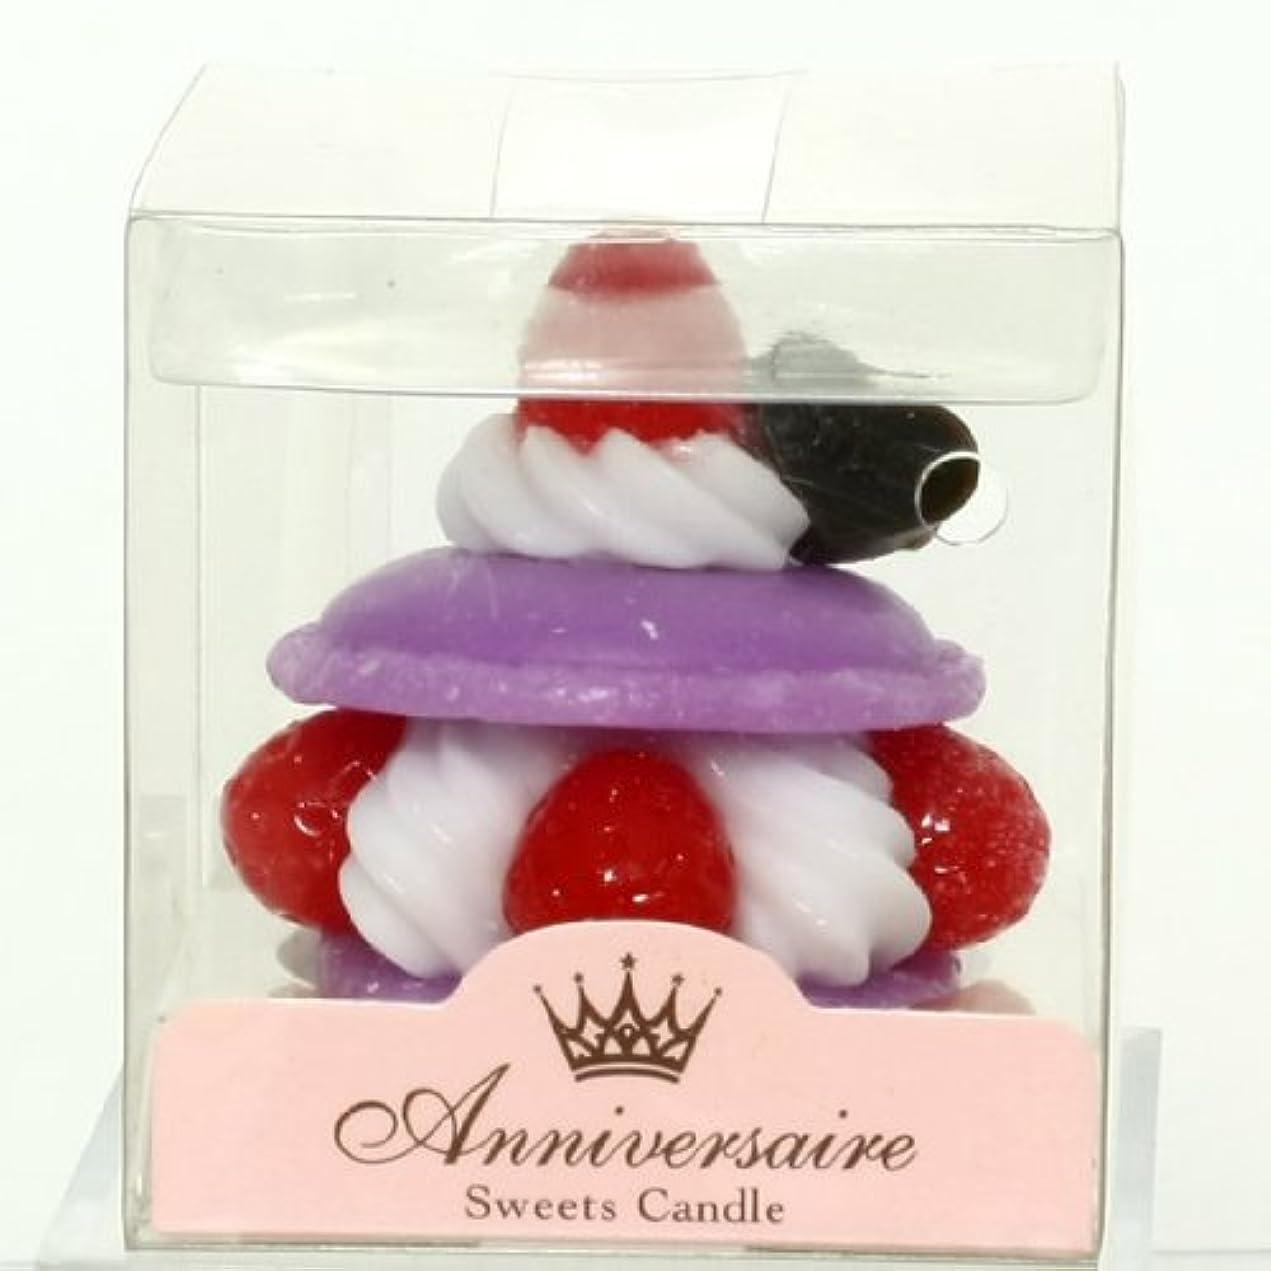 sweets candle(スイーツキャンドル) マカロンケーキキャンドル【パープル】(ba6580500pu)